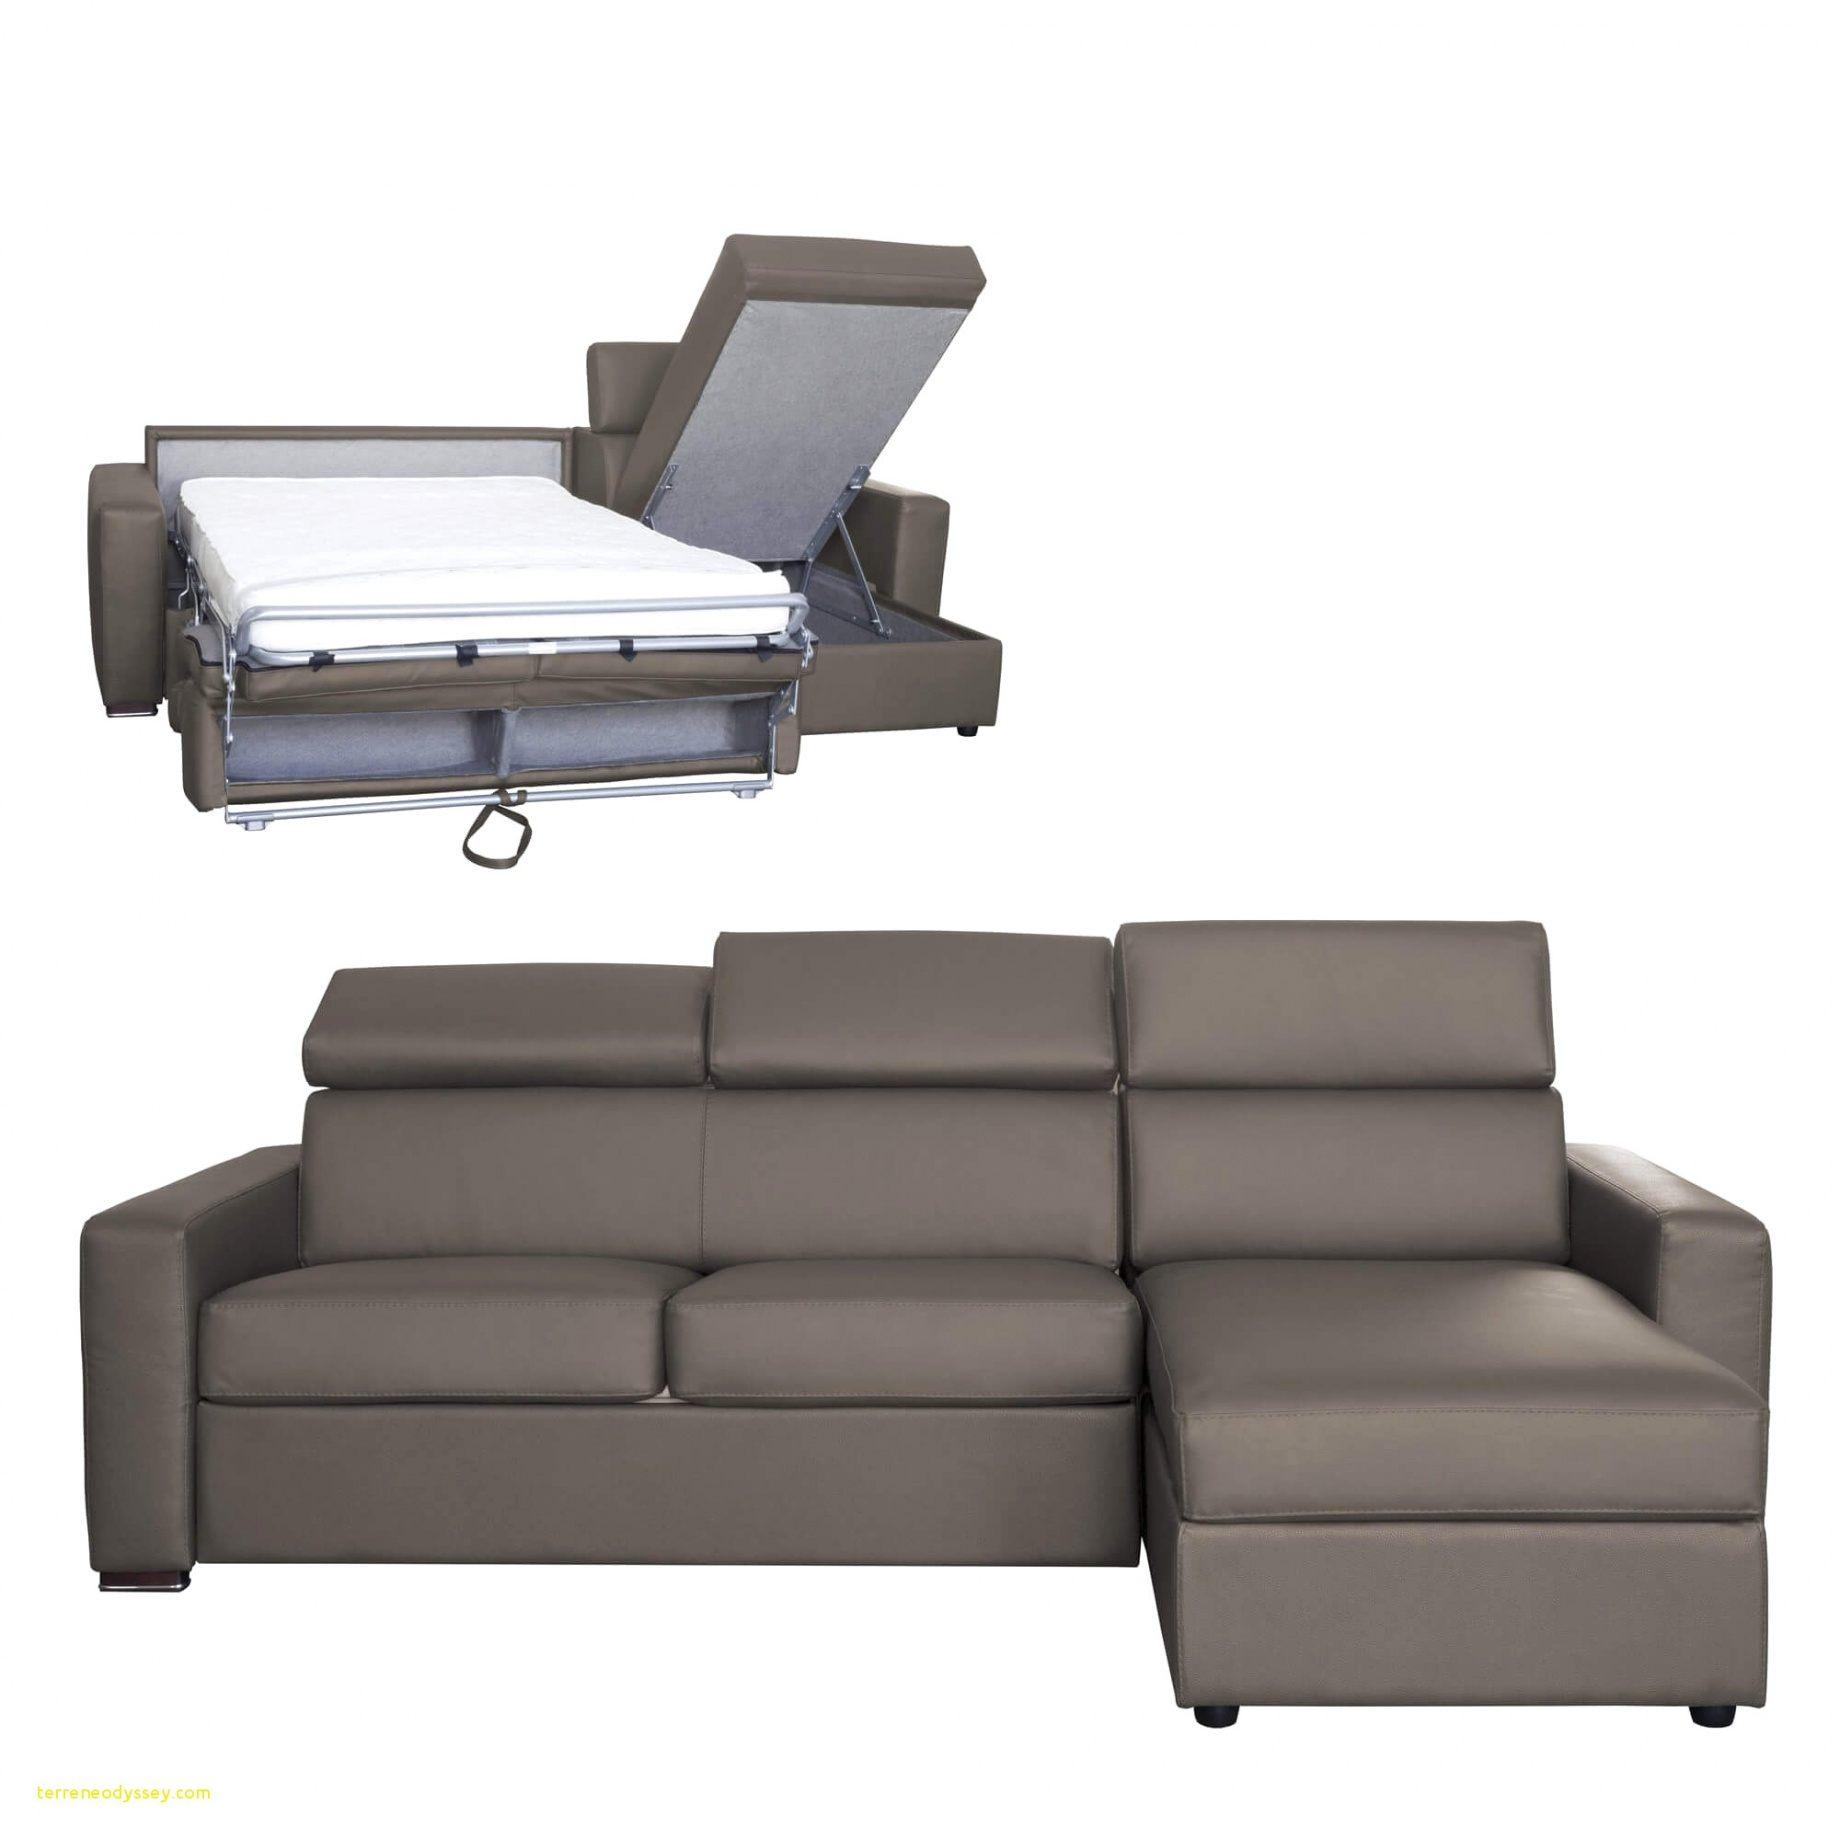 Canapé Lit Vintage Douce Glamour Canapé Lit Angle Ou Lesmeubles Canapé Vintage Cuir